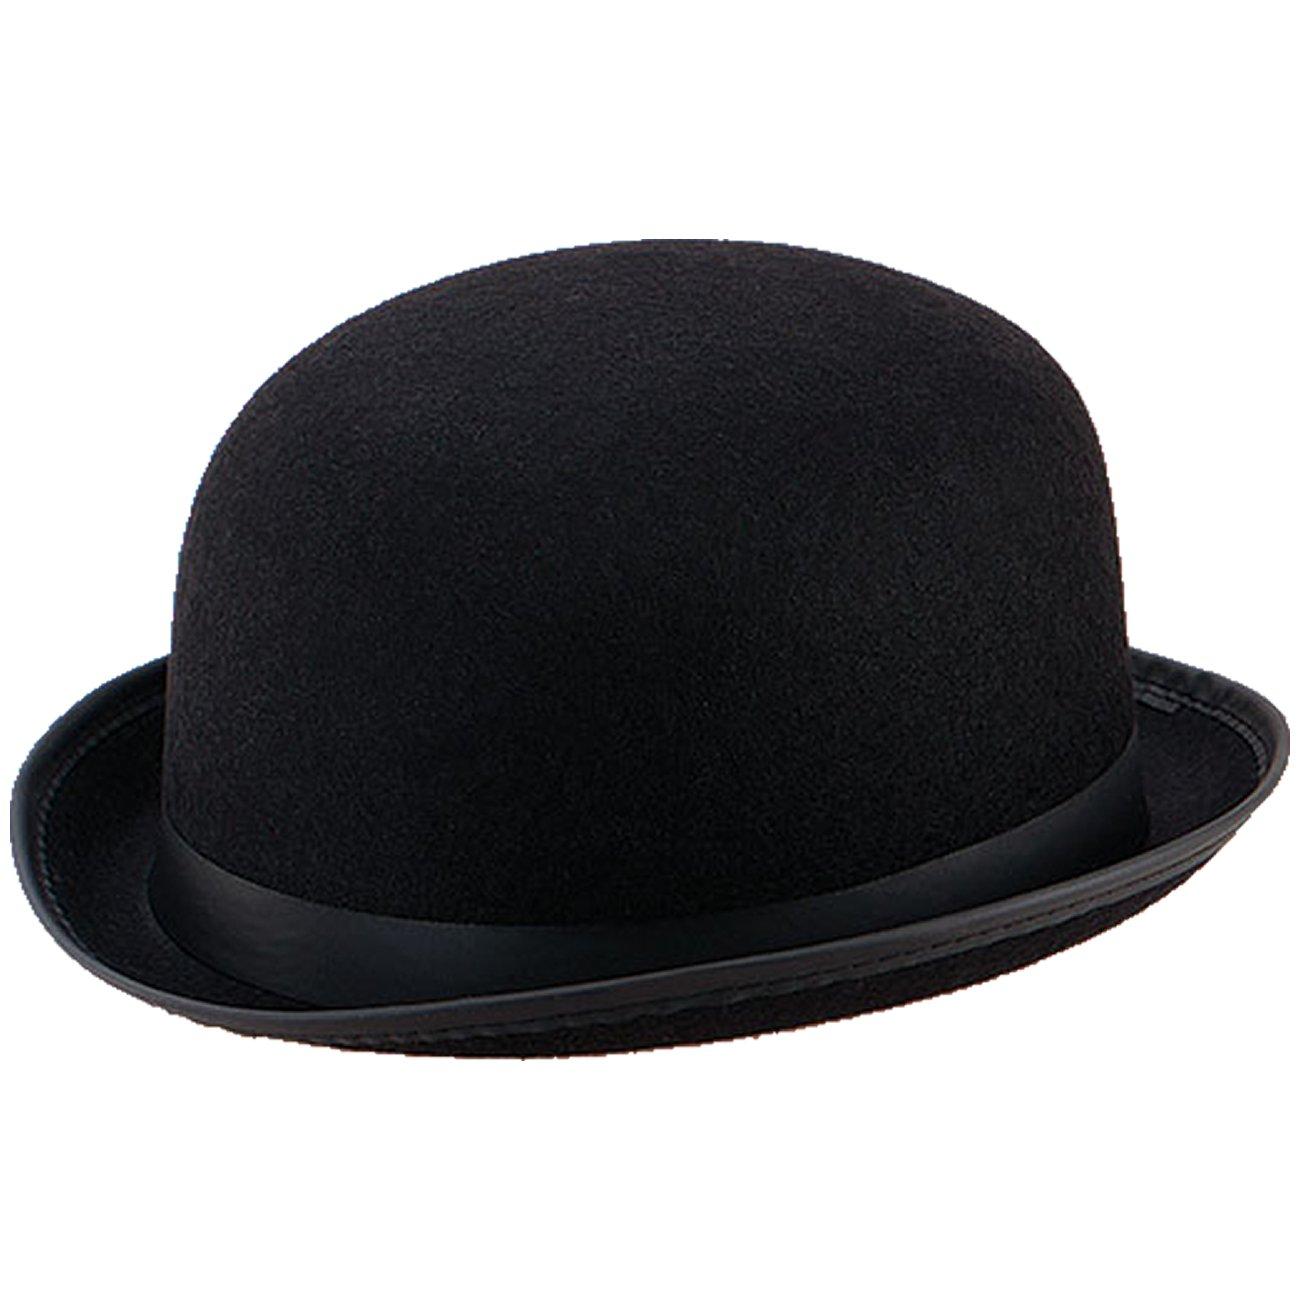 Spassprofi Melone Schwarzer Bowler Hut für Hochzeiten Reiterhut Butlerkostüme Karnevalshut